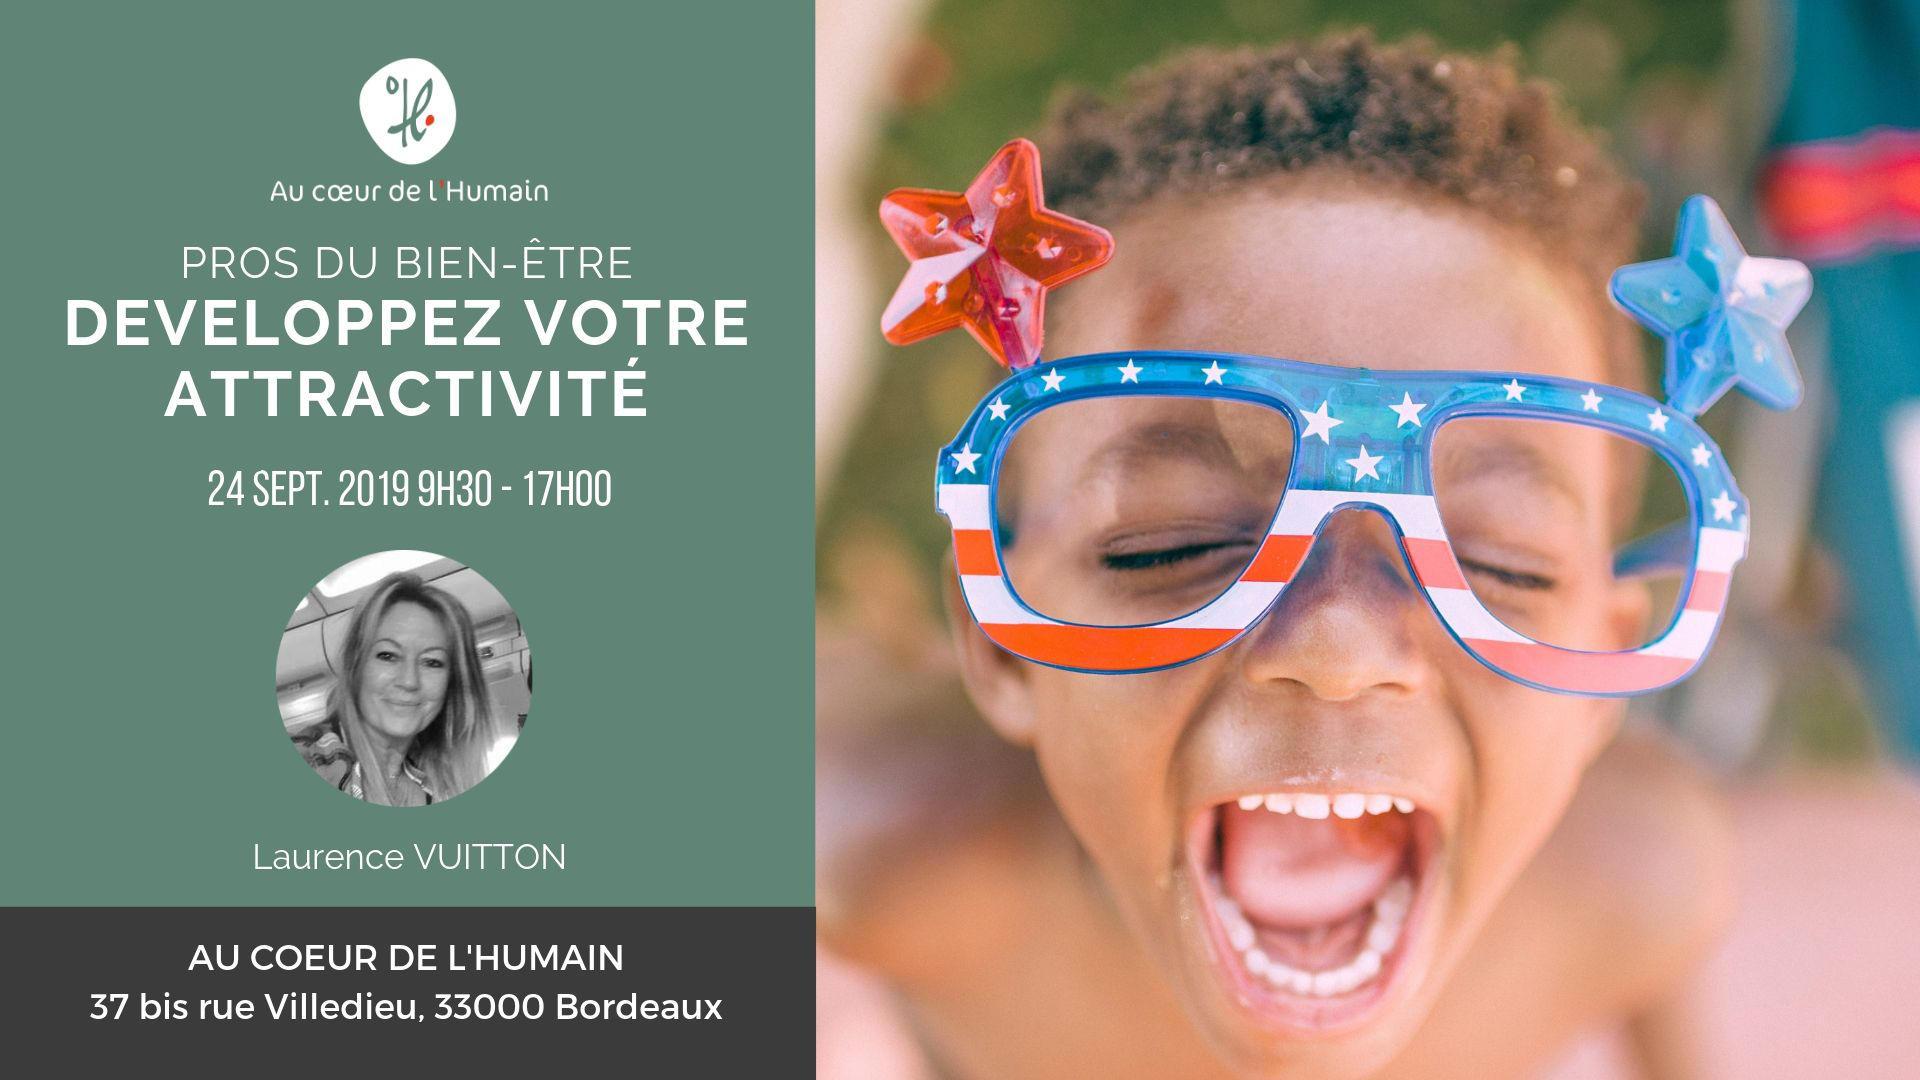 Formation - Développez votre attractivité